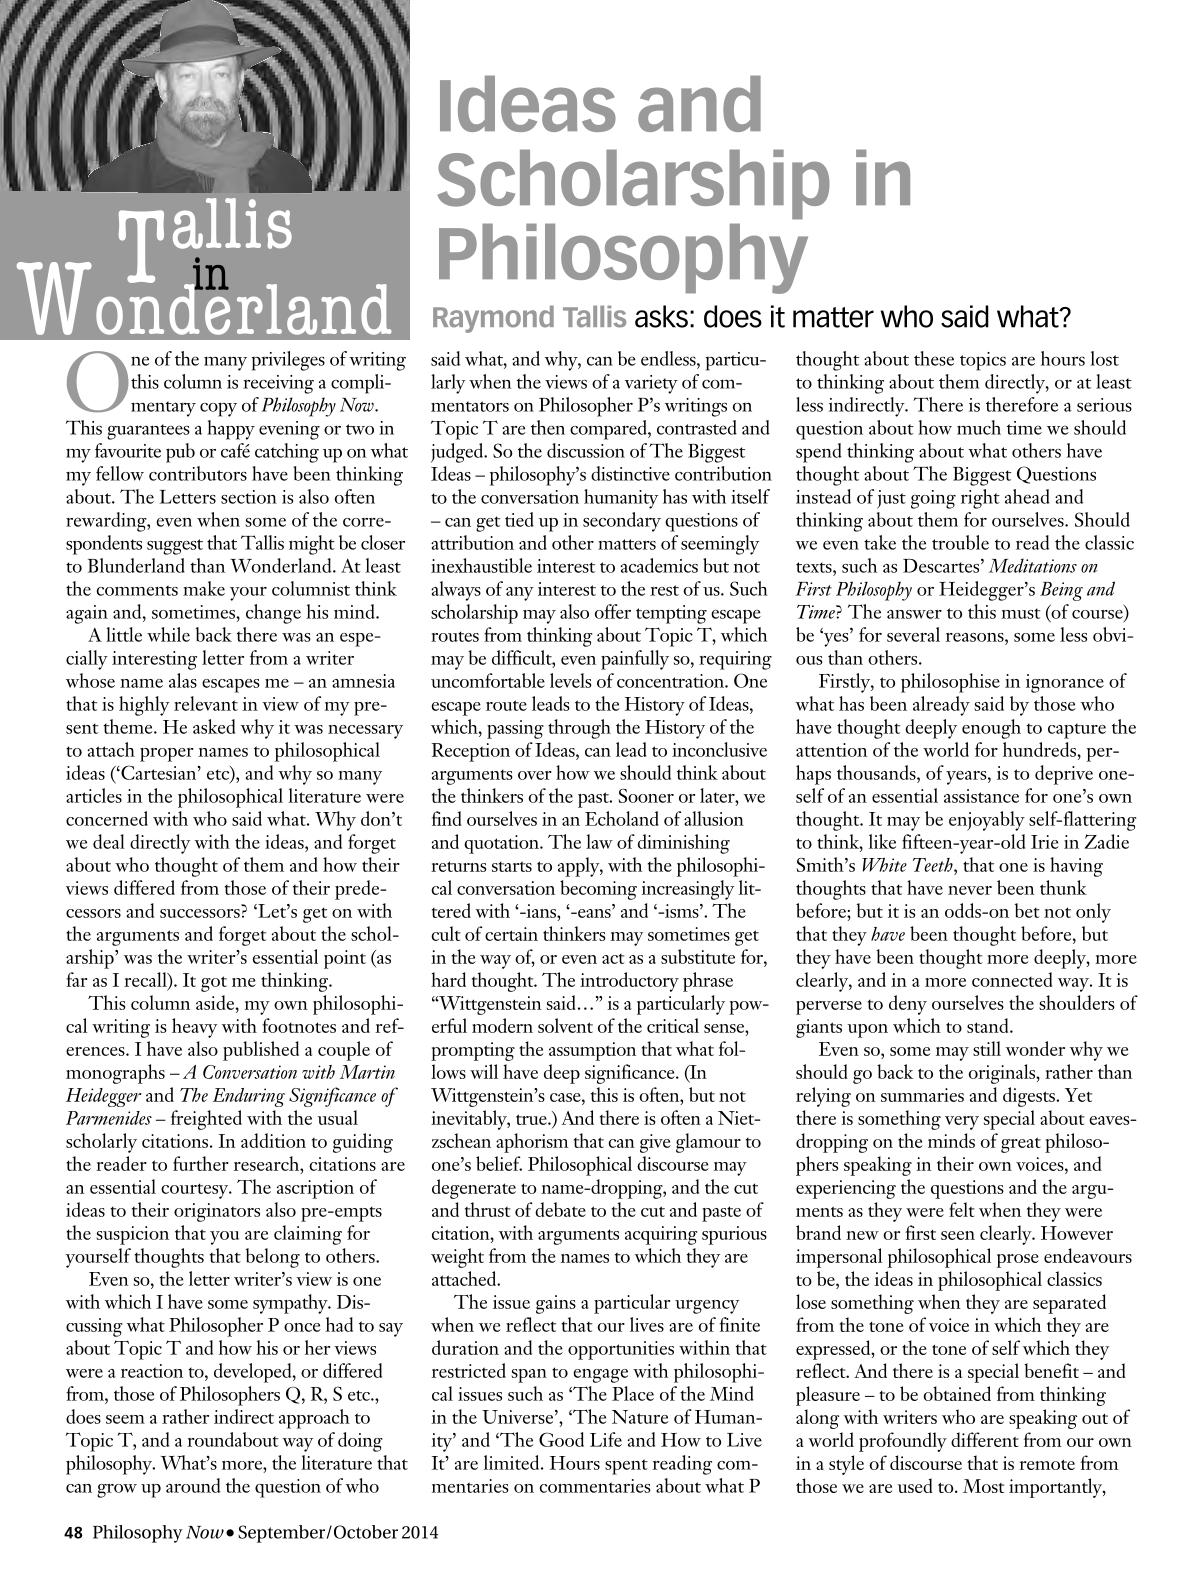 Ideas and Scholarship in Philosophy - Raymond Tallis